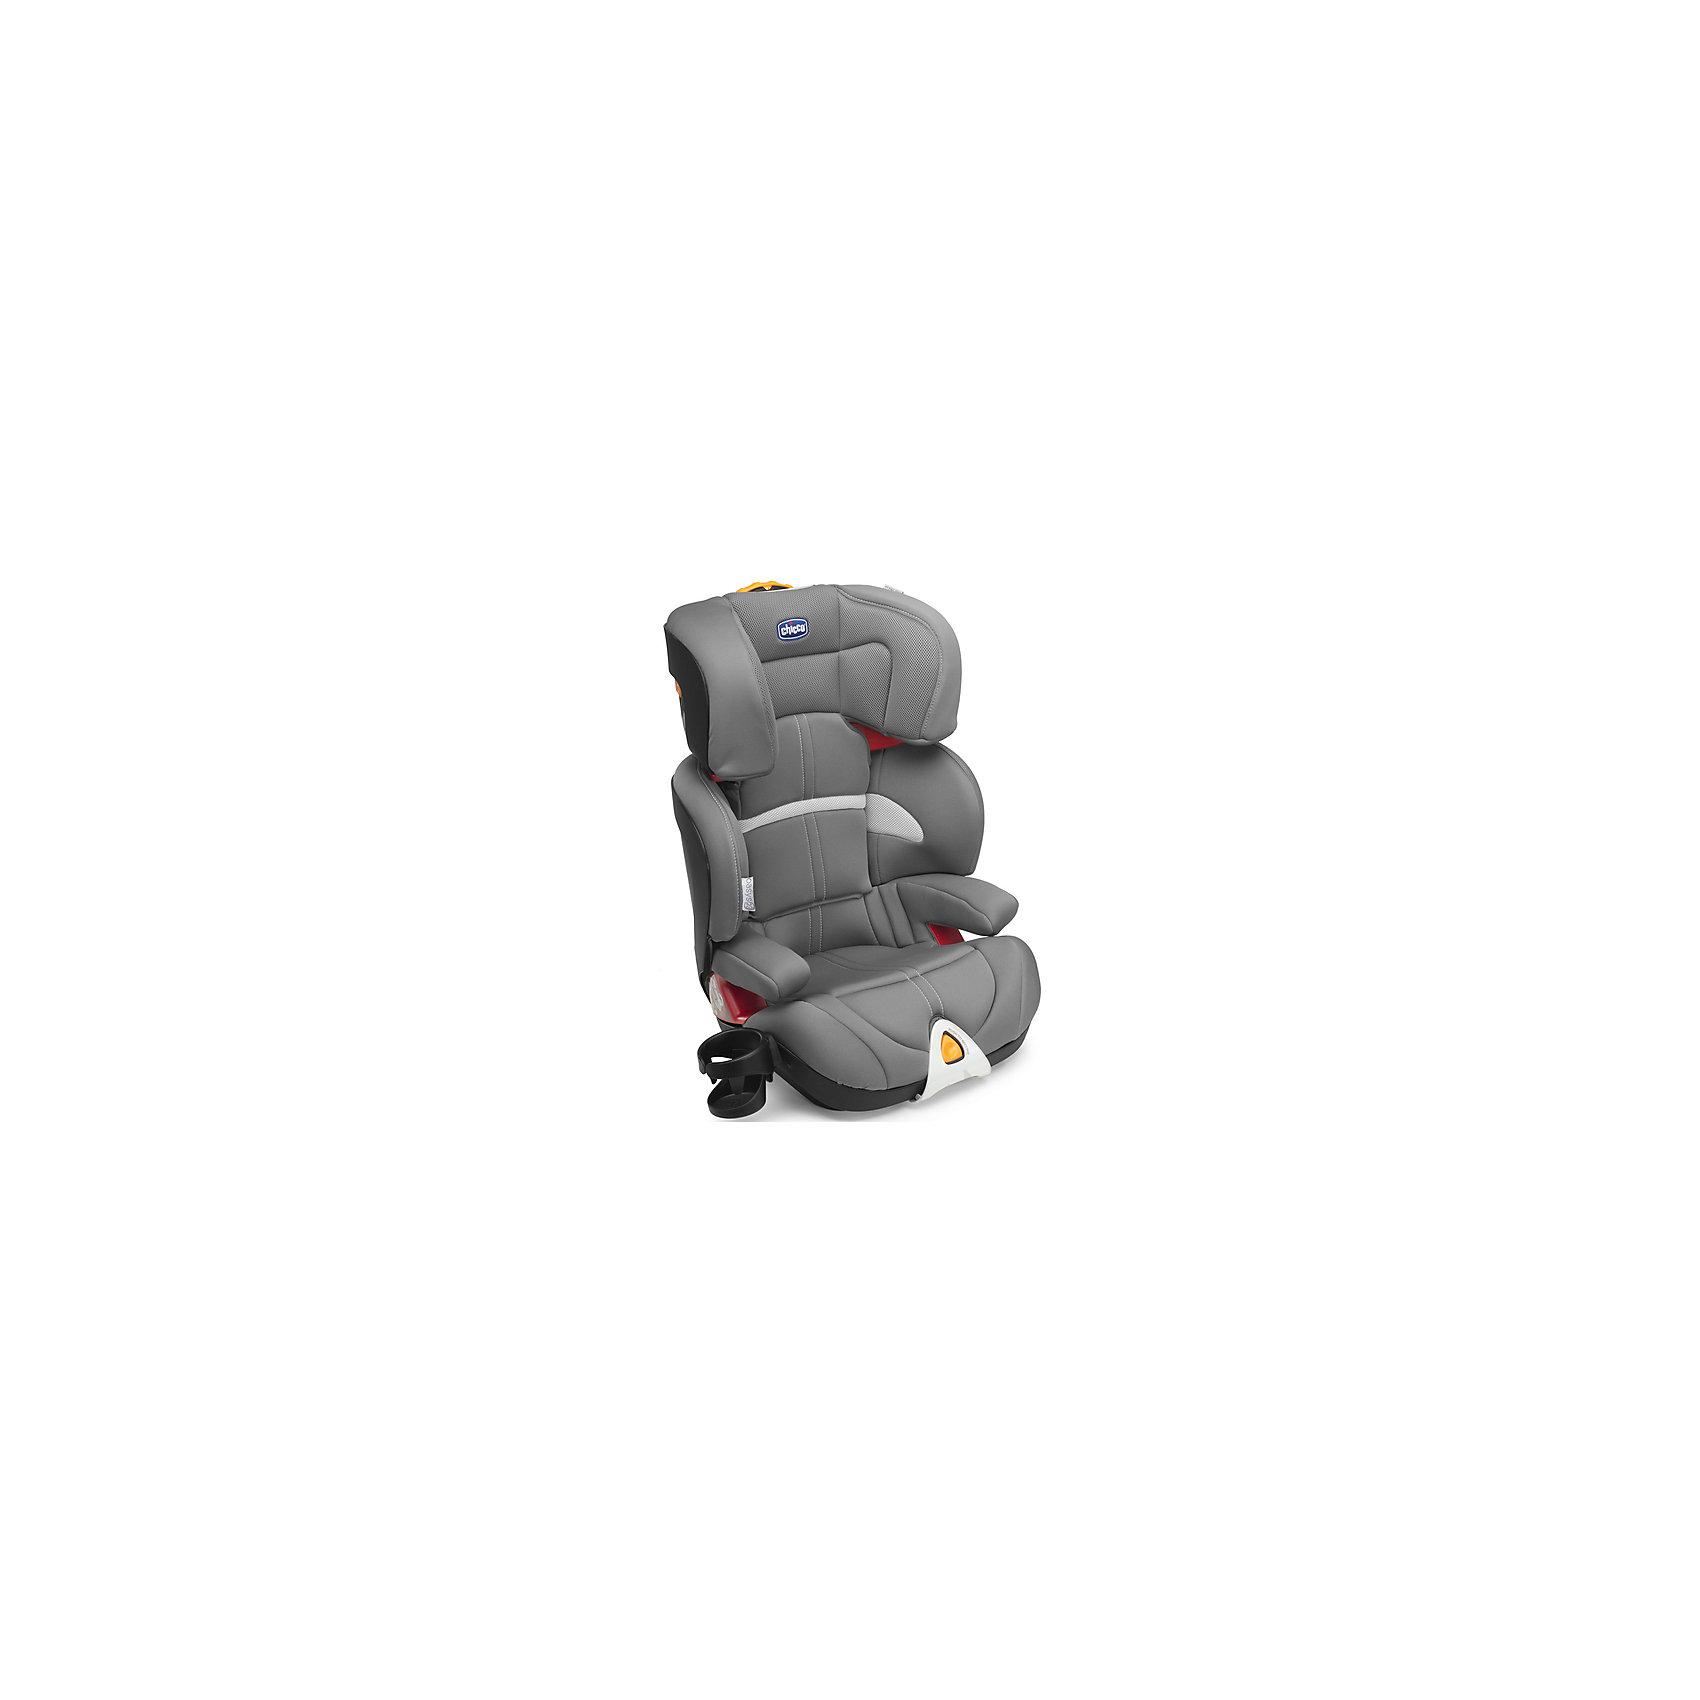 Автокресло CHICCO OASYS 2-3, 15-36 кг, серыйГруппа 2-3 (От 15 до 36 кг)<br>Это замечательное новое автокресло от Chicco, которое растет вместе с Вашим ребенком!<br>Кресло имеет отличную защиту от боковых ударов. Спинка и подголовник регулируются независимо друг от друга.<br><br>Особенности:<br>- Для детей от 3-х до 12 лет (от 15 до 36 кг.)<br>- Имеет 4 положения наклона;<br>- Специальная кнопка легко позволяет перевести спинку кресла в нужное положение;<br>- Кресло имеет отличные показатели по безопасности, хорошую боковую защиту от ударов;<br>- Подголовник кресла и спинка регулируются независимо друг от друга;<br>- Легко устанавливается;<br>- Есть подстаканник;<br>- Чехол из воздухопроницаемой ткани легко снимается и стирается;<br>- В кресле обеспечивается хорошая вентиляция, ребенок не потеет;<br>- Ребенок фиксируется в кресле штатным ремнем безопасности автомобиля;<br>- Отвечает Европейским стандартам качества ECE R44/04<br>- Кресло крепится в автомобиле с помощью штатных ремней безопасности автомобиля.<br><br>Дополнительная информация:<br><br>- Цвет: Серый.<br>- Вес ребенка: до 36 кг.<br>- Материал: металл, текстиль, пластик.<br>- Размер автокресла 44 x 66/84 x 42 см.<br>- Вес в упаковке: 7,8 кг.<br><br>Купить автокресло OASYS 2-3 CHICCO в сером цвете, можно в нашем магазине.<br><br>Ширина мм: 460<br>Глубина мм: 430<br>Высота мм: 750<br>Вес г: 7145<br>Возраст от месяцев: 36<br>Возраст до месяцев: 144<br>Пол: Унисекс<br>Возраст: Детский<br>SKU: 4751872